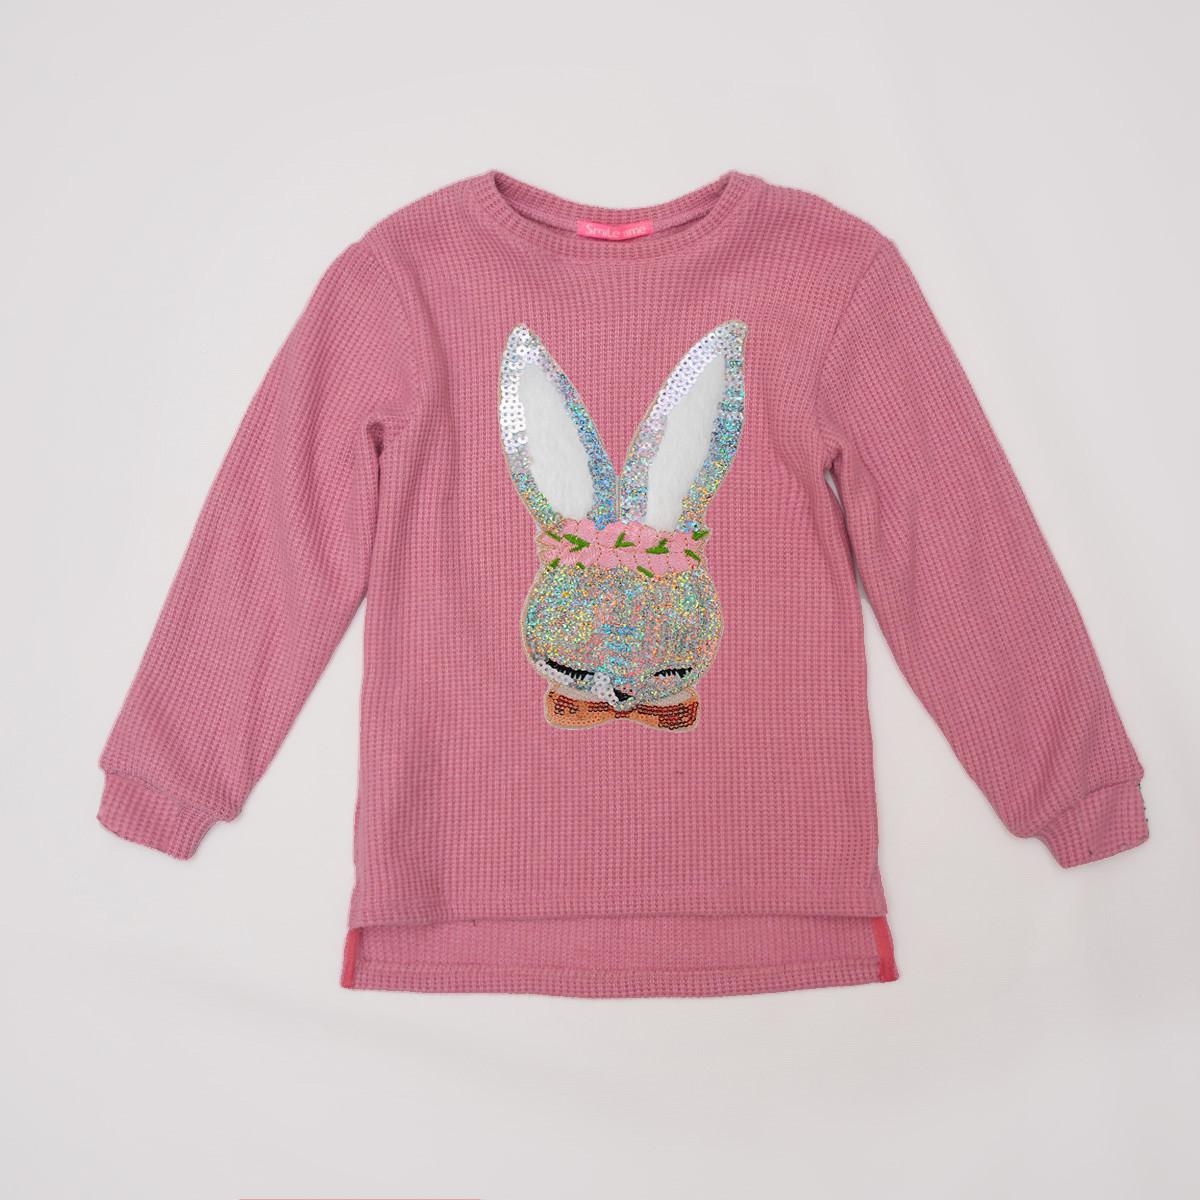 Свитер детский р.104,110,116,122 вязаный SmileTime Shiny Bunny, розовый